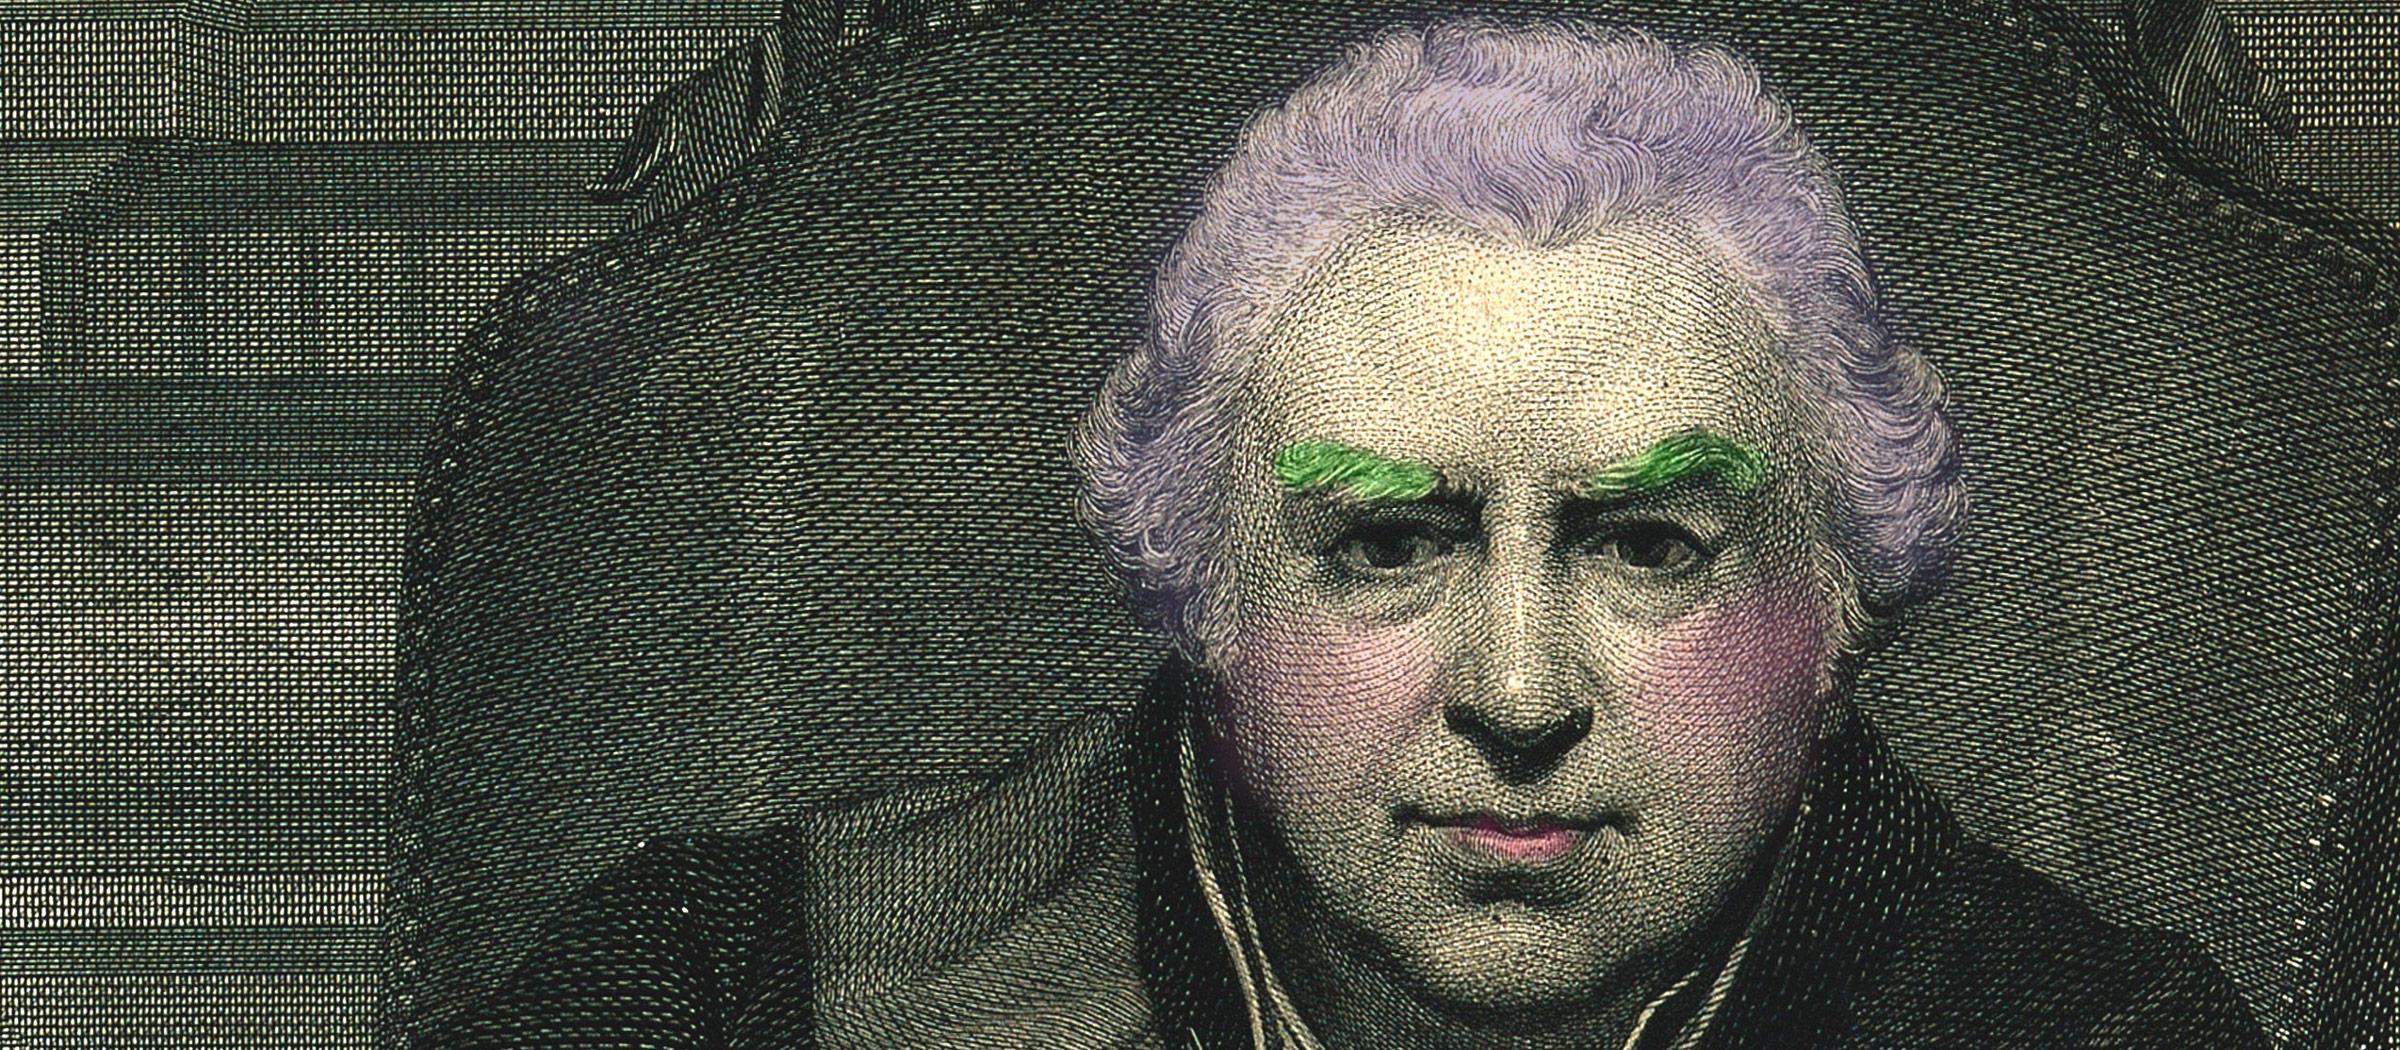 The Planthunter Sir Joseph Banks Botanical Rock Star Or